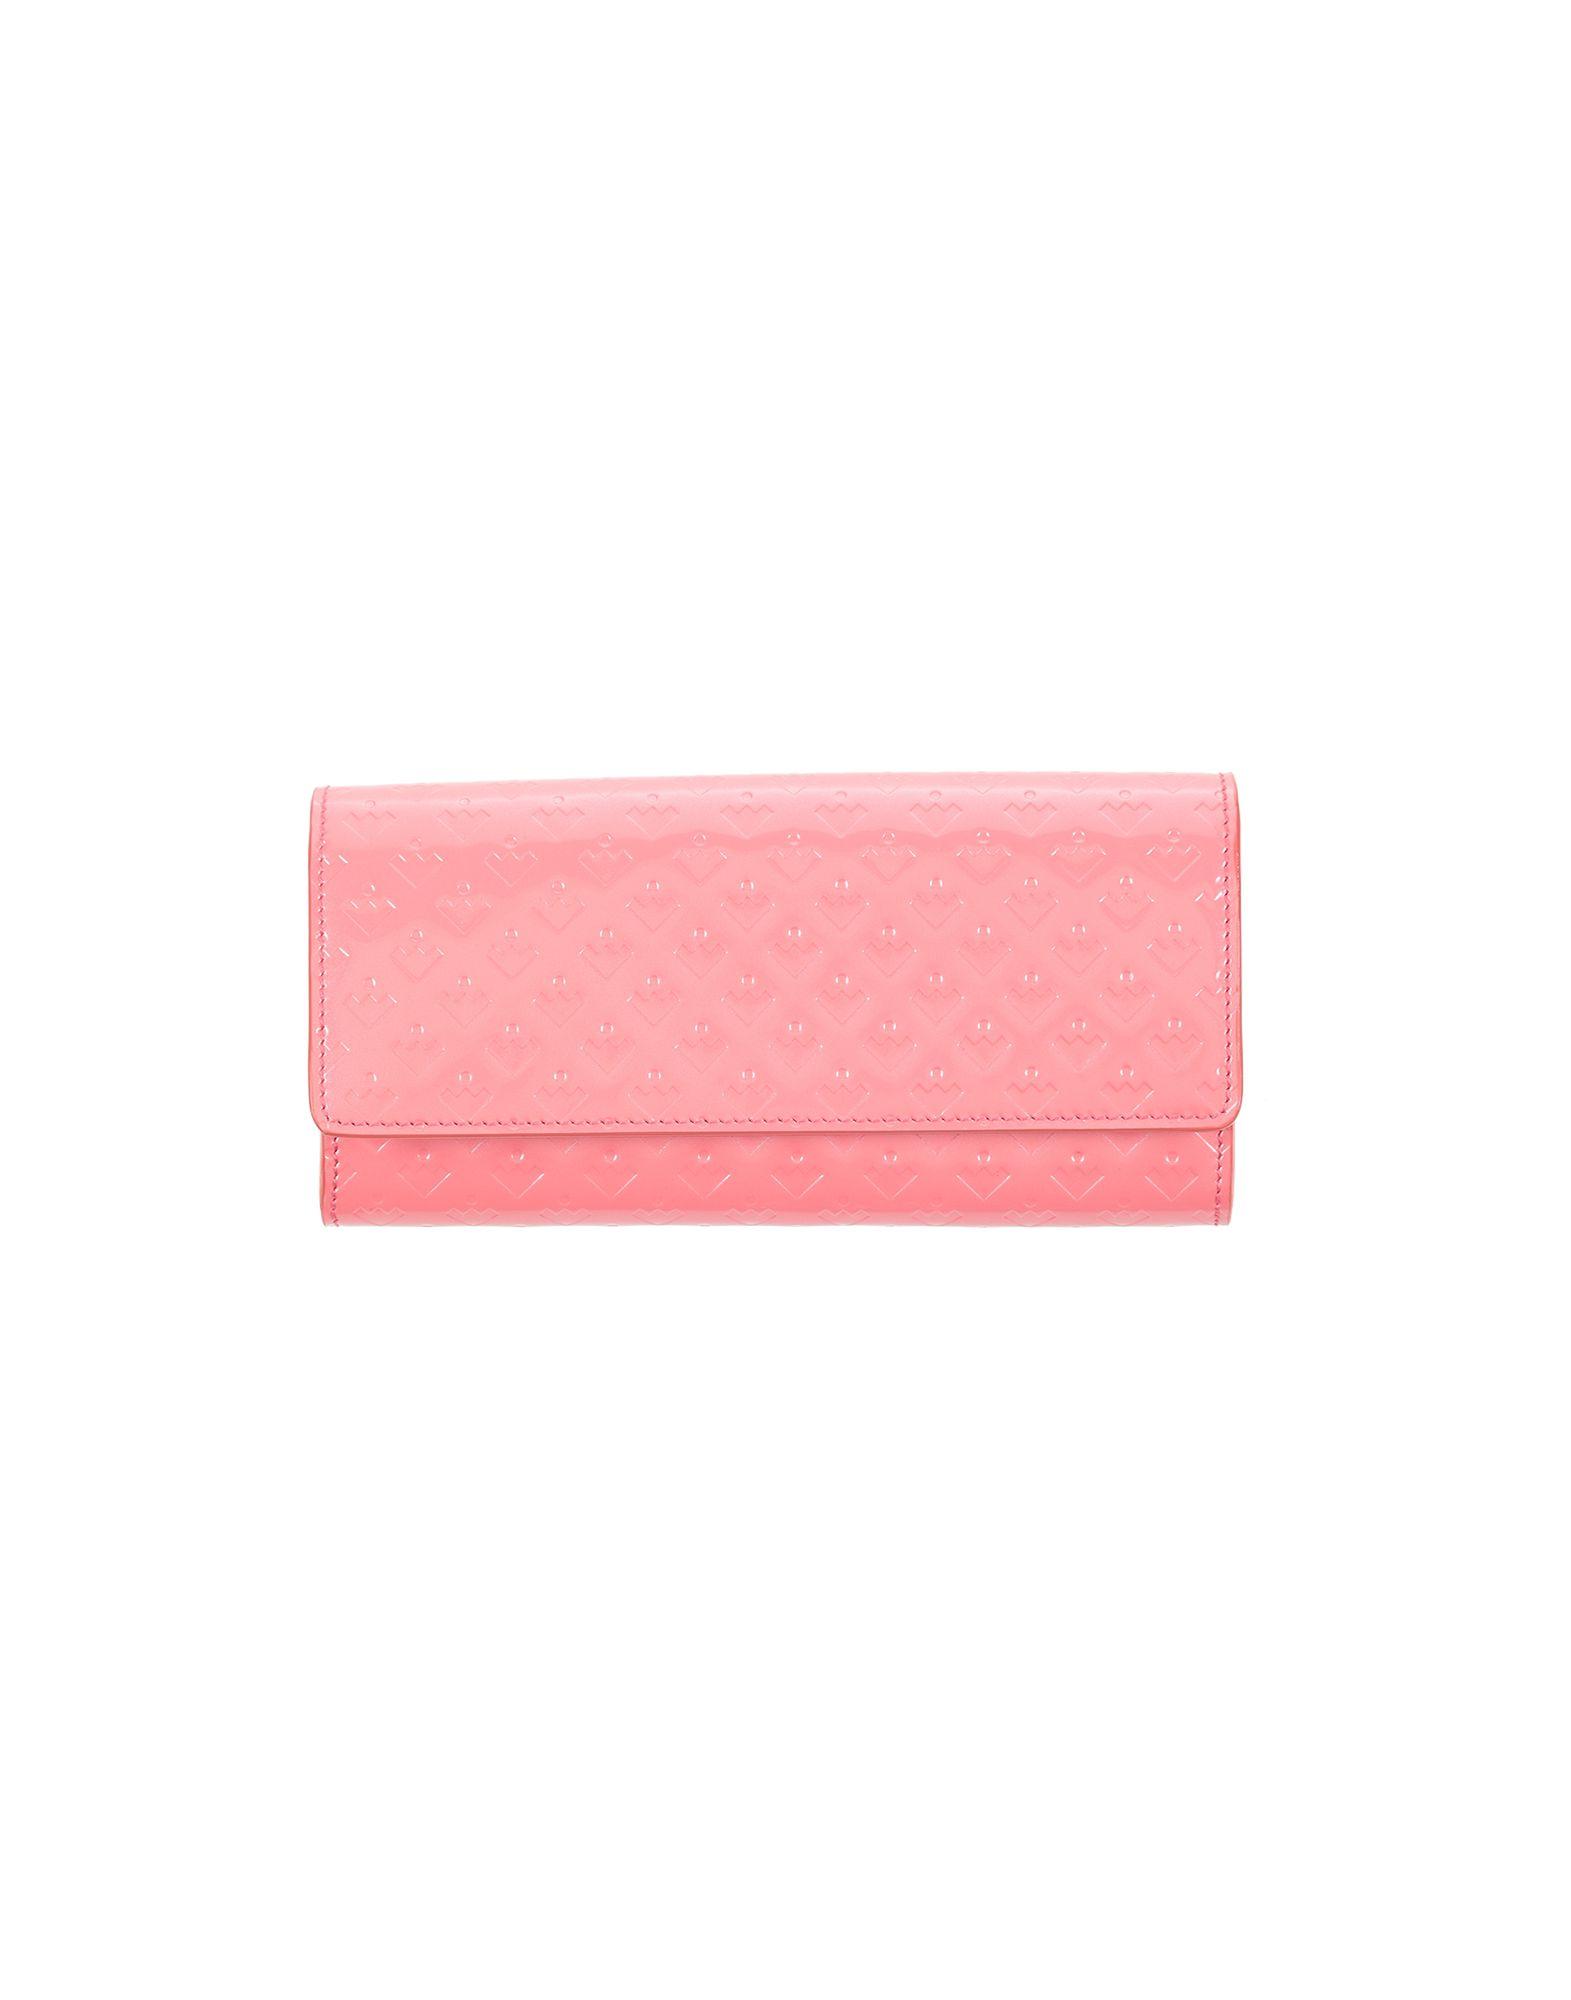 BALLY Бумажник стоимость